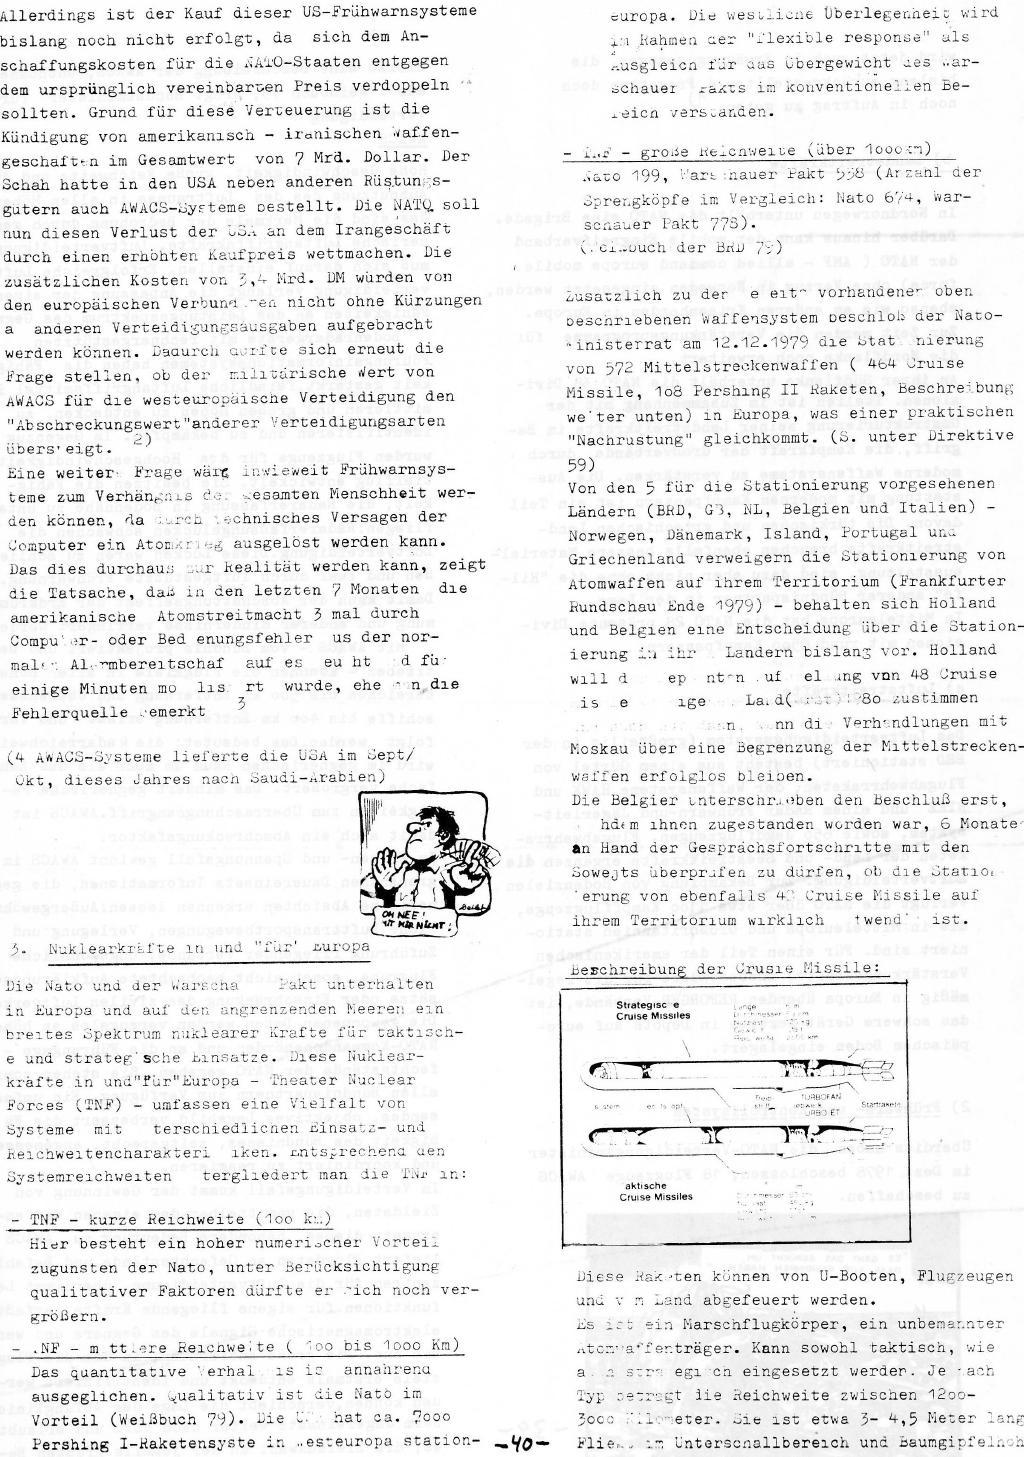 Bremen_1980_NATO_Broschuere_40